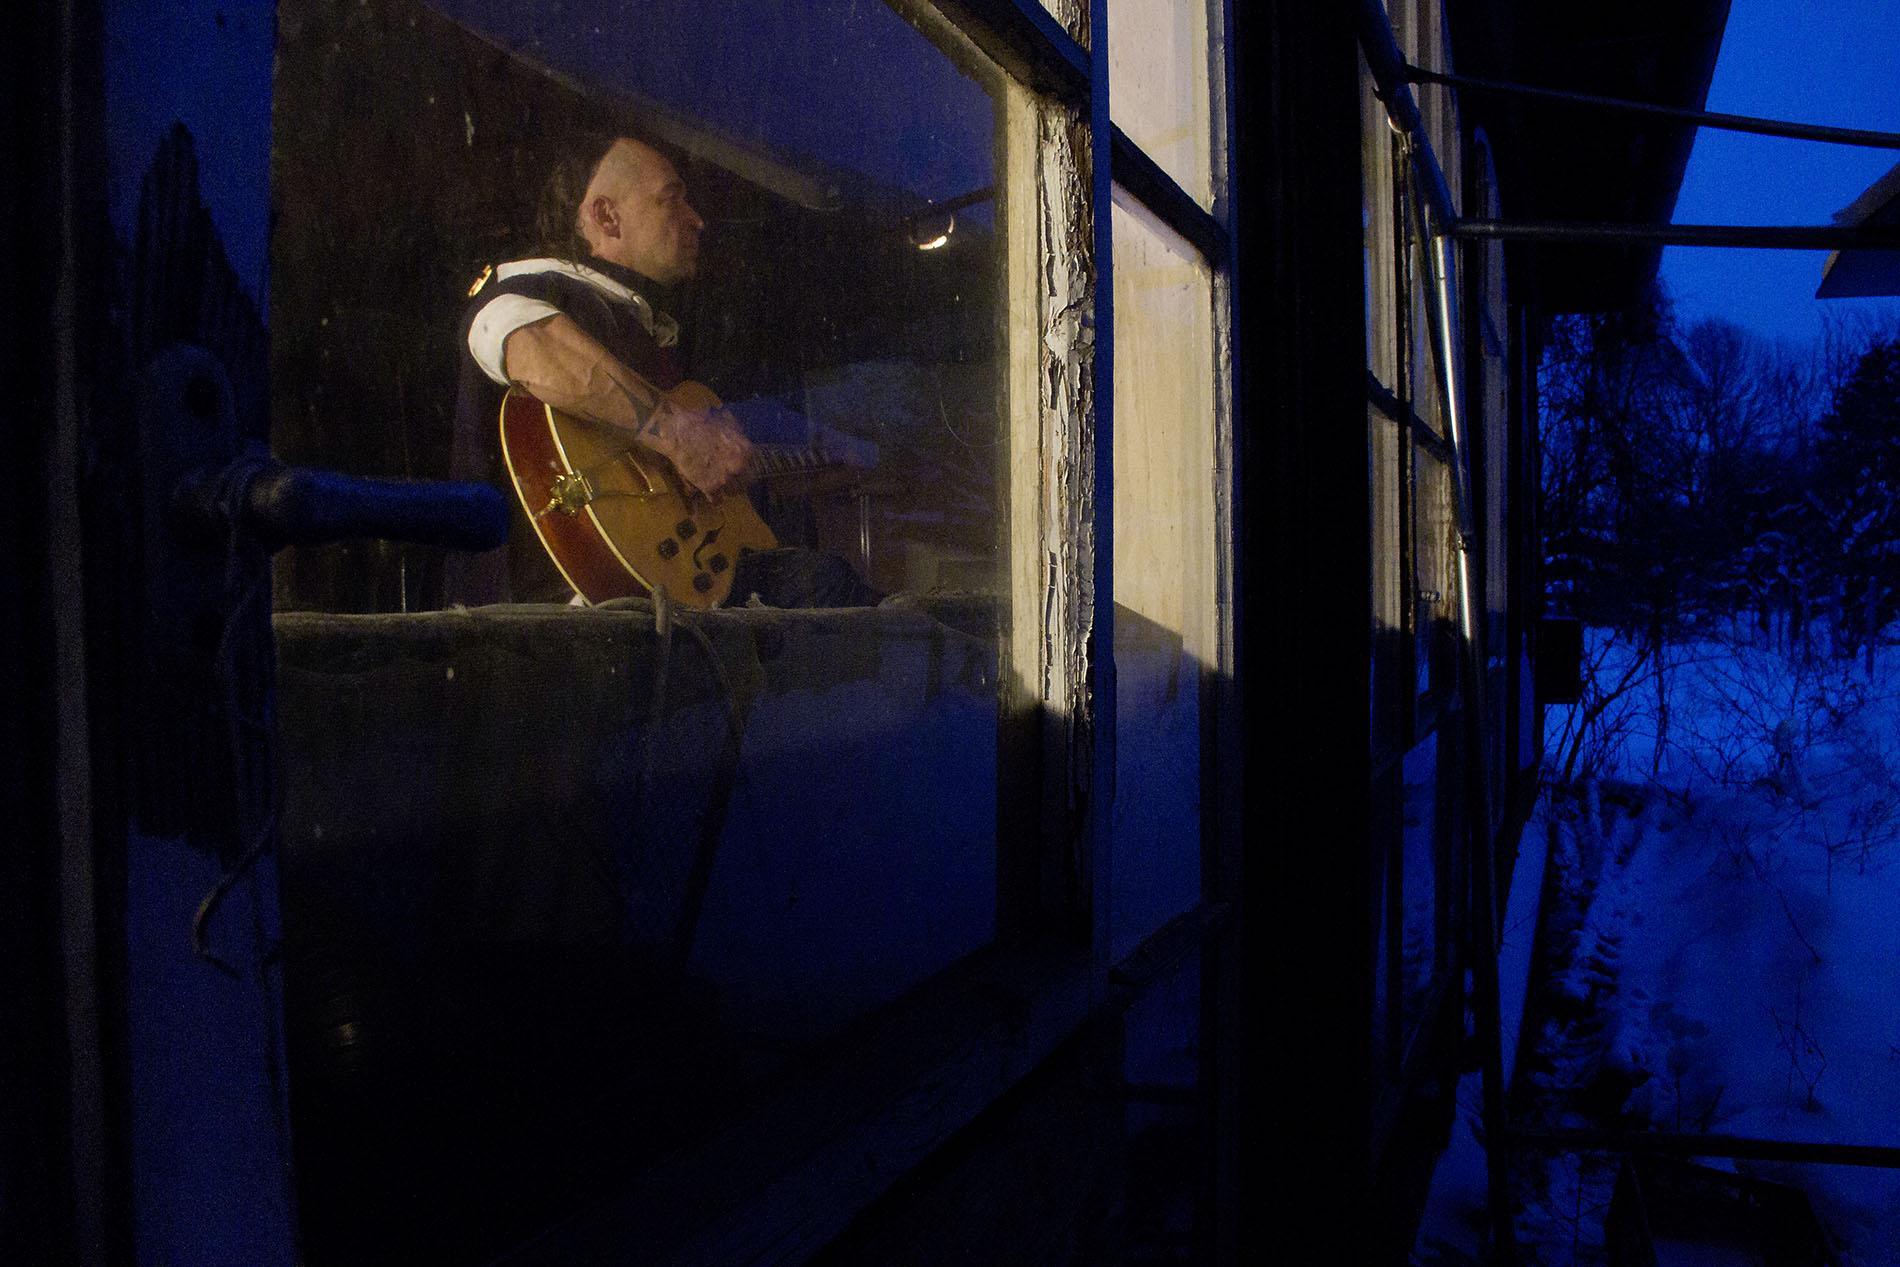 Sänger beim Gitarre spielen bis spät am Abend